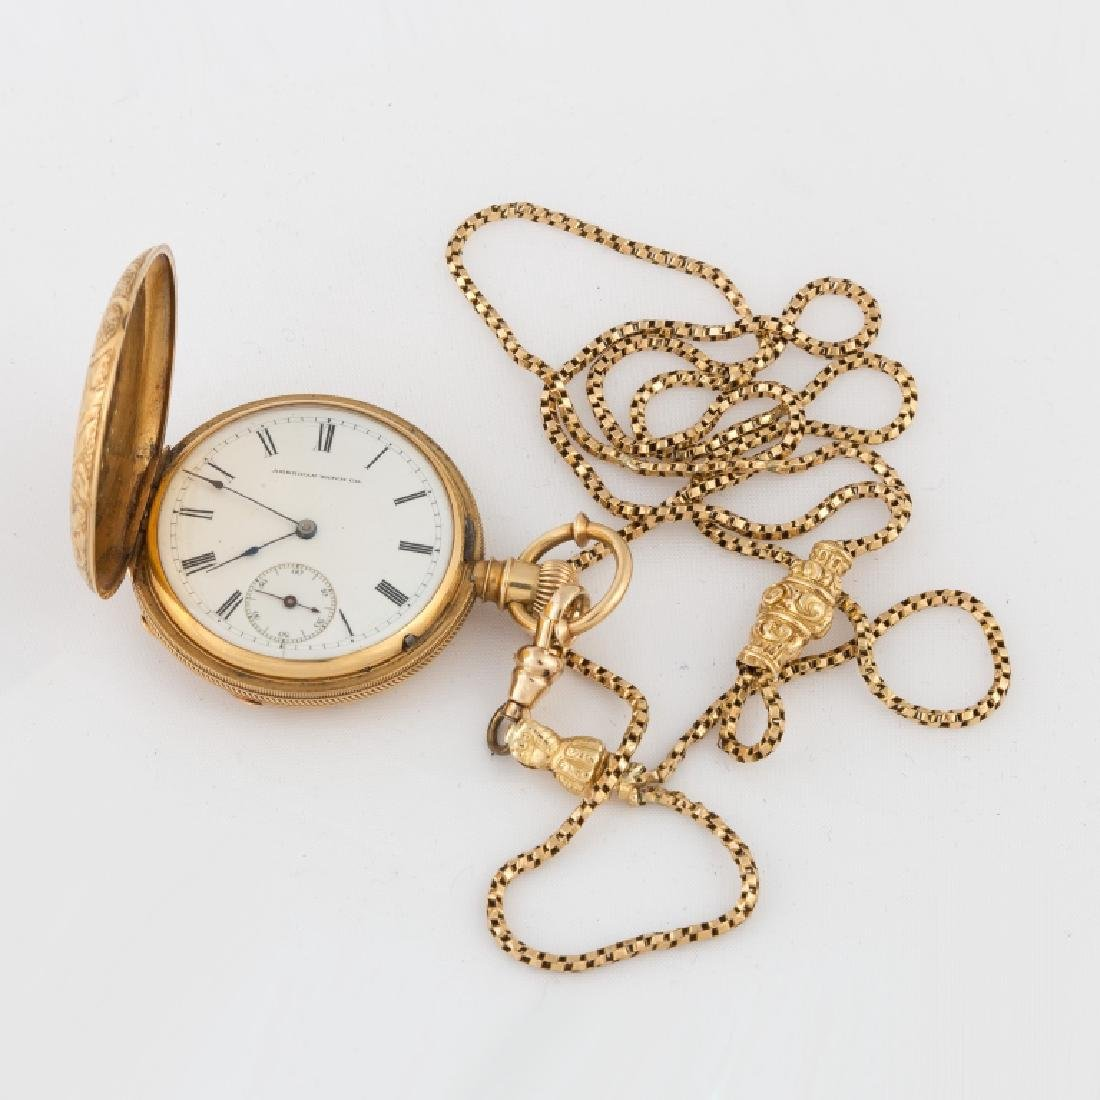 American Watch Co.18k Gold Pocket Watch